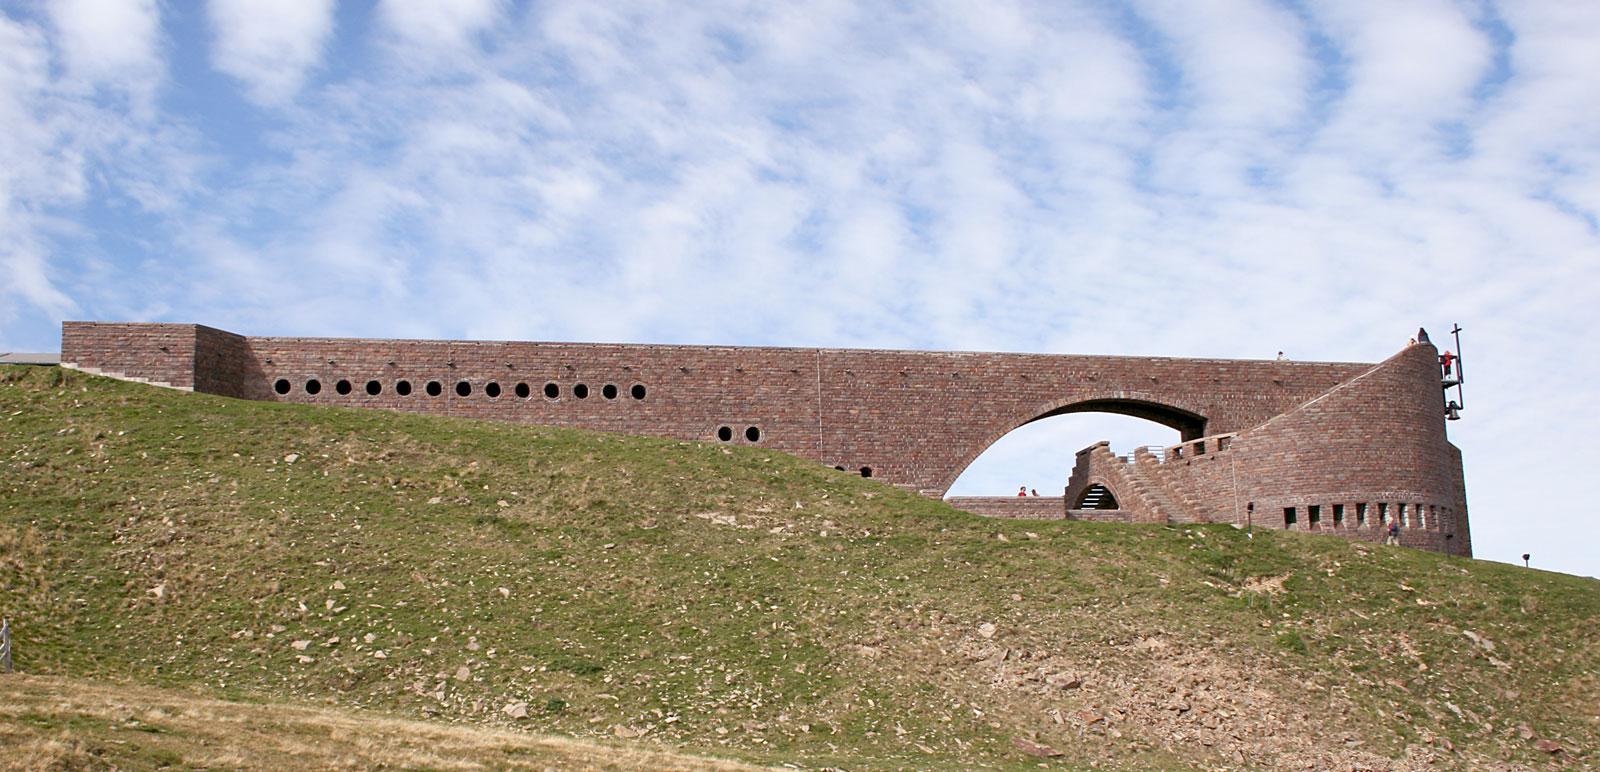 Kirche von Mario Botta auf dem Monte Tamaro